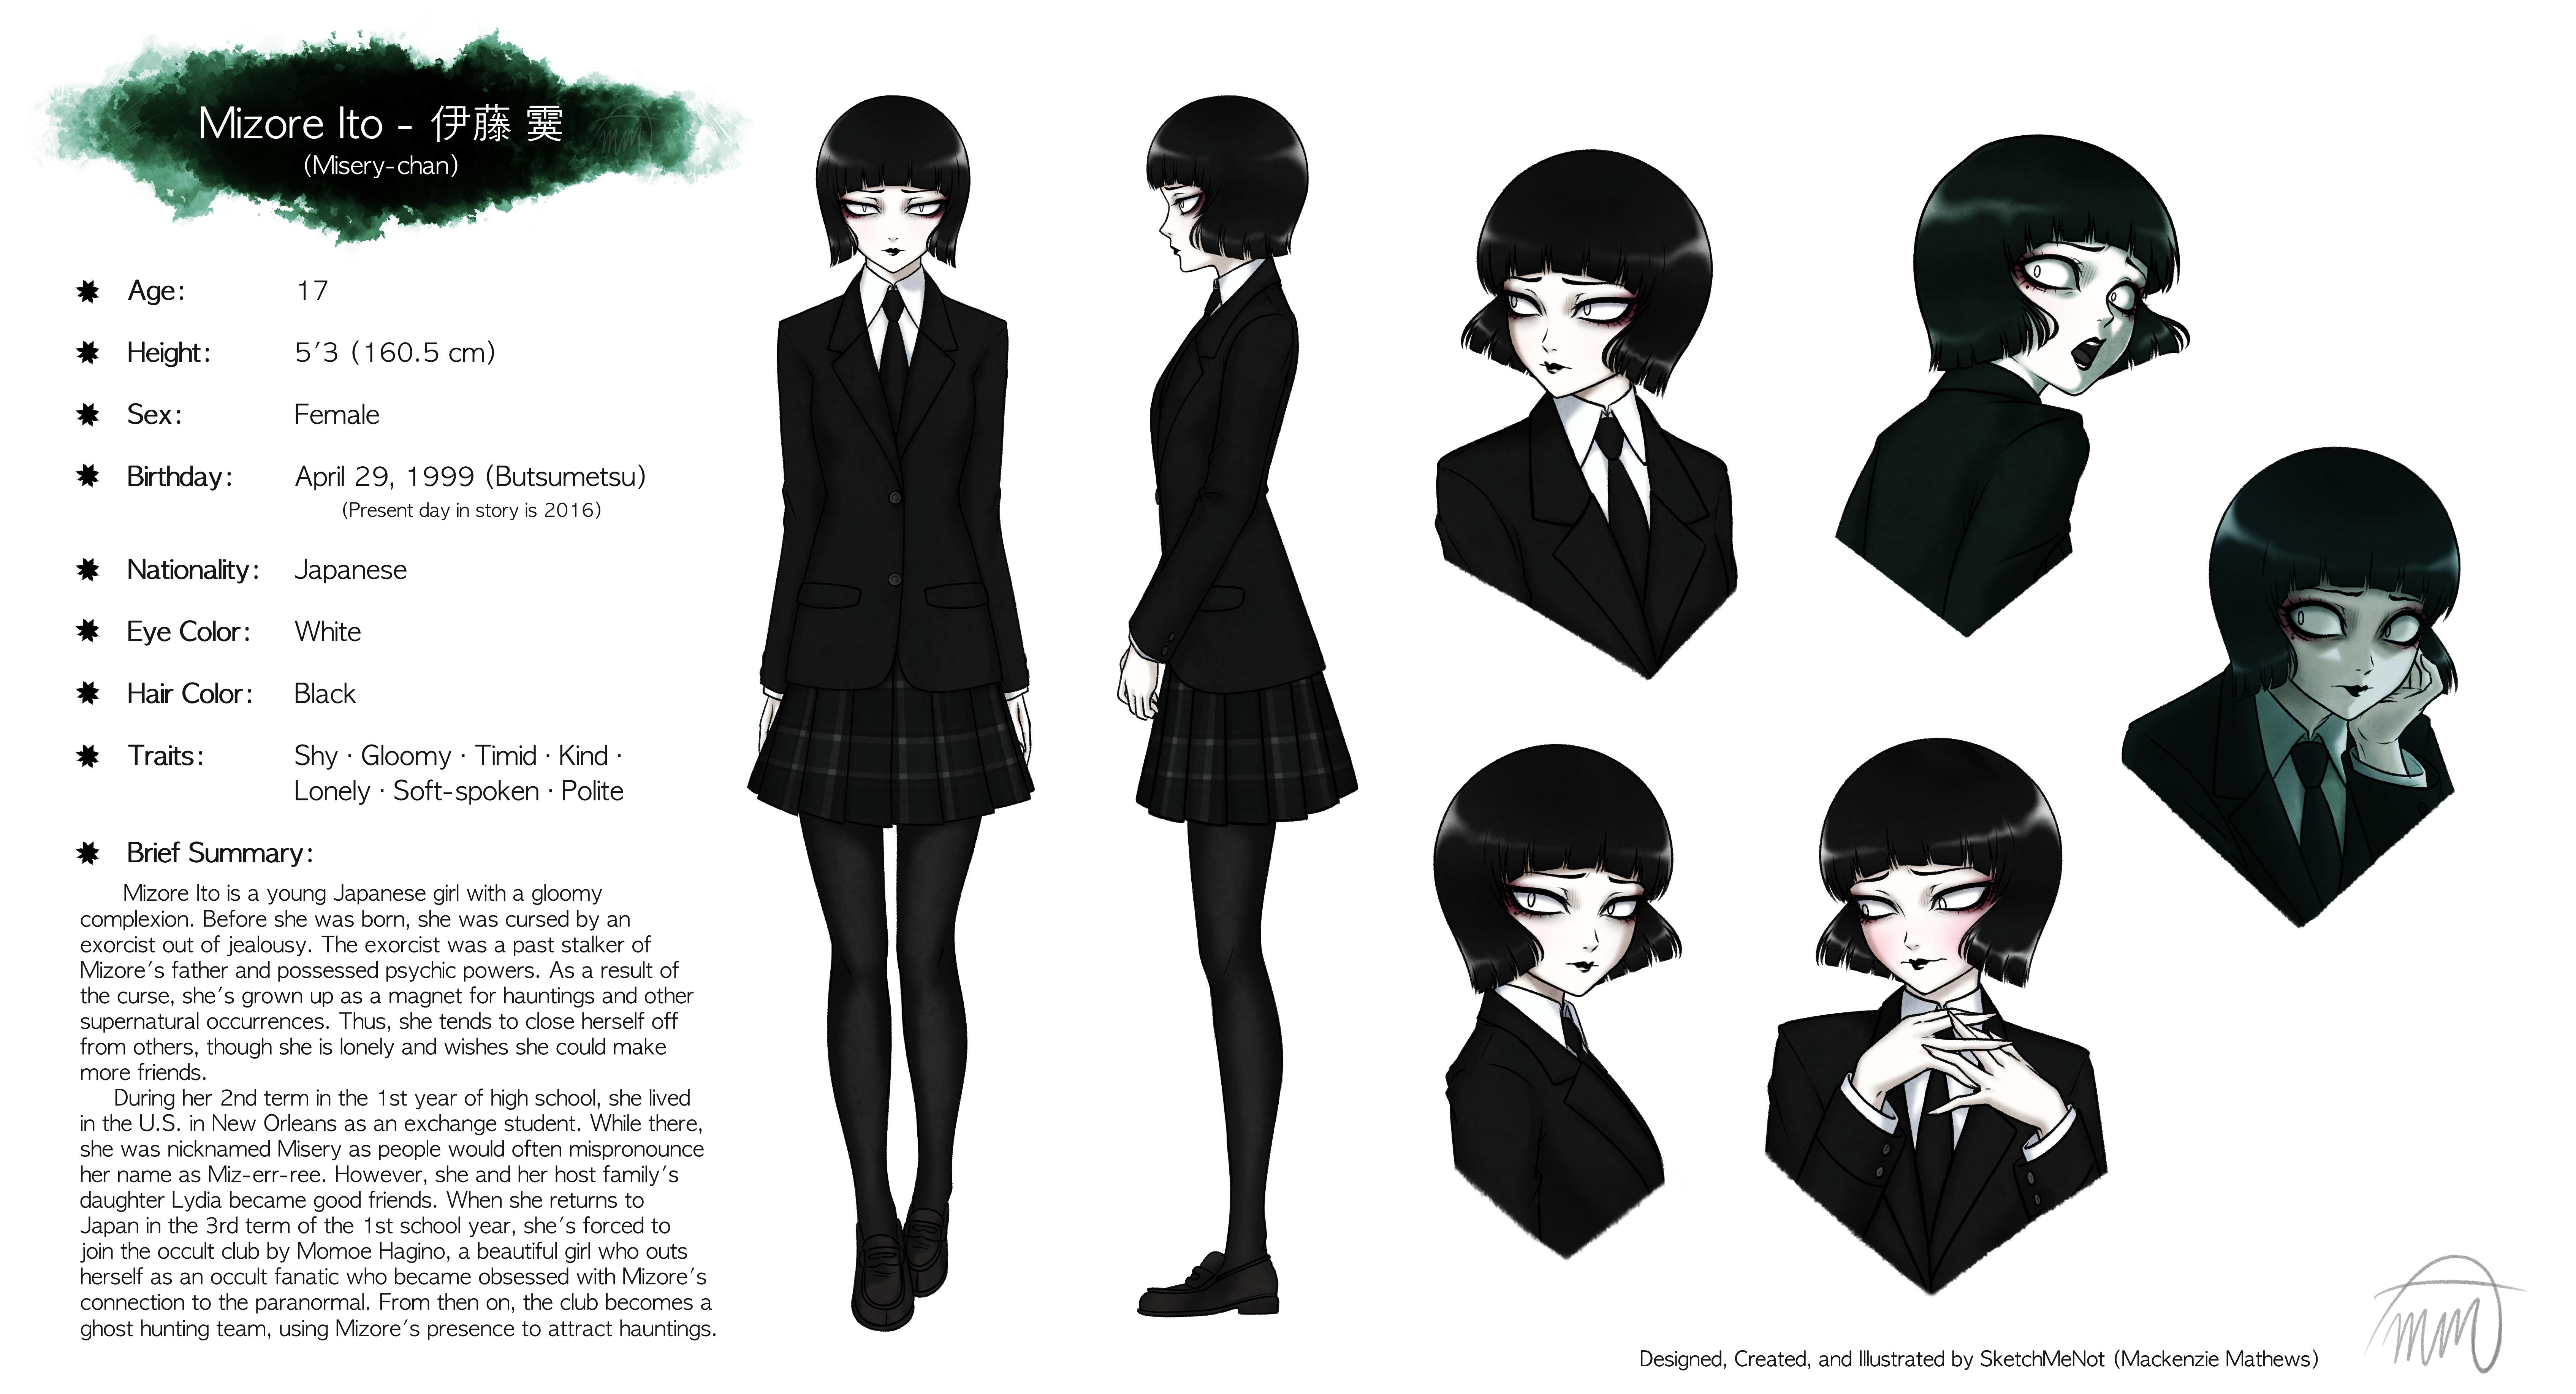 Mizore Ito (Misery-chan) - Character Sheet